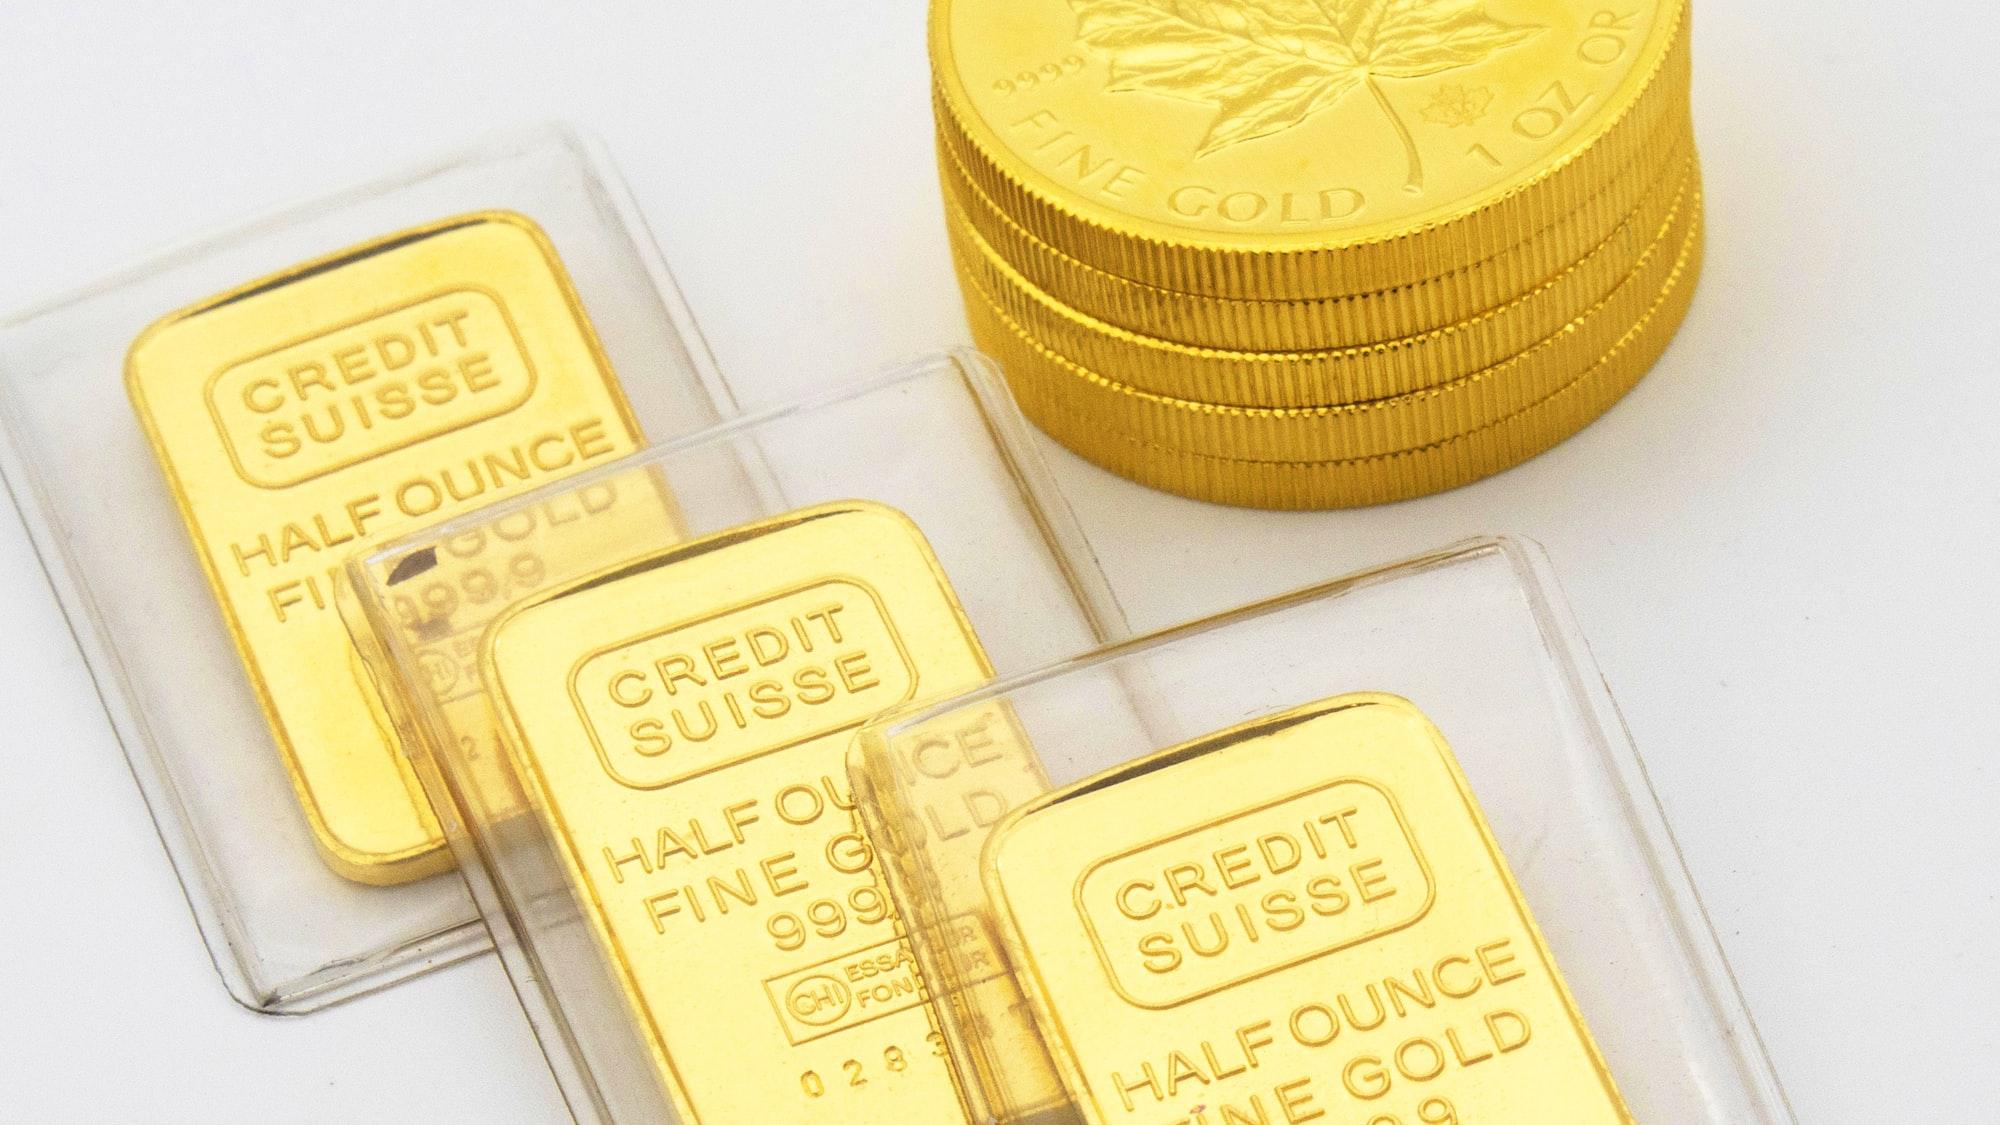 Bitcoin อาจมีค่าเหนือกว่าทองคำในโลกดิจิทัล